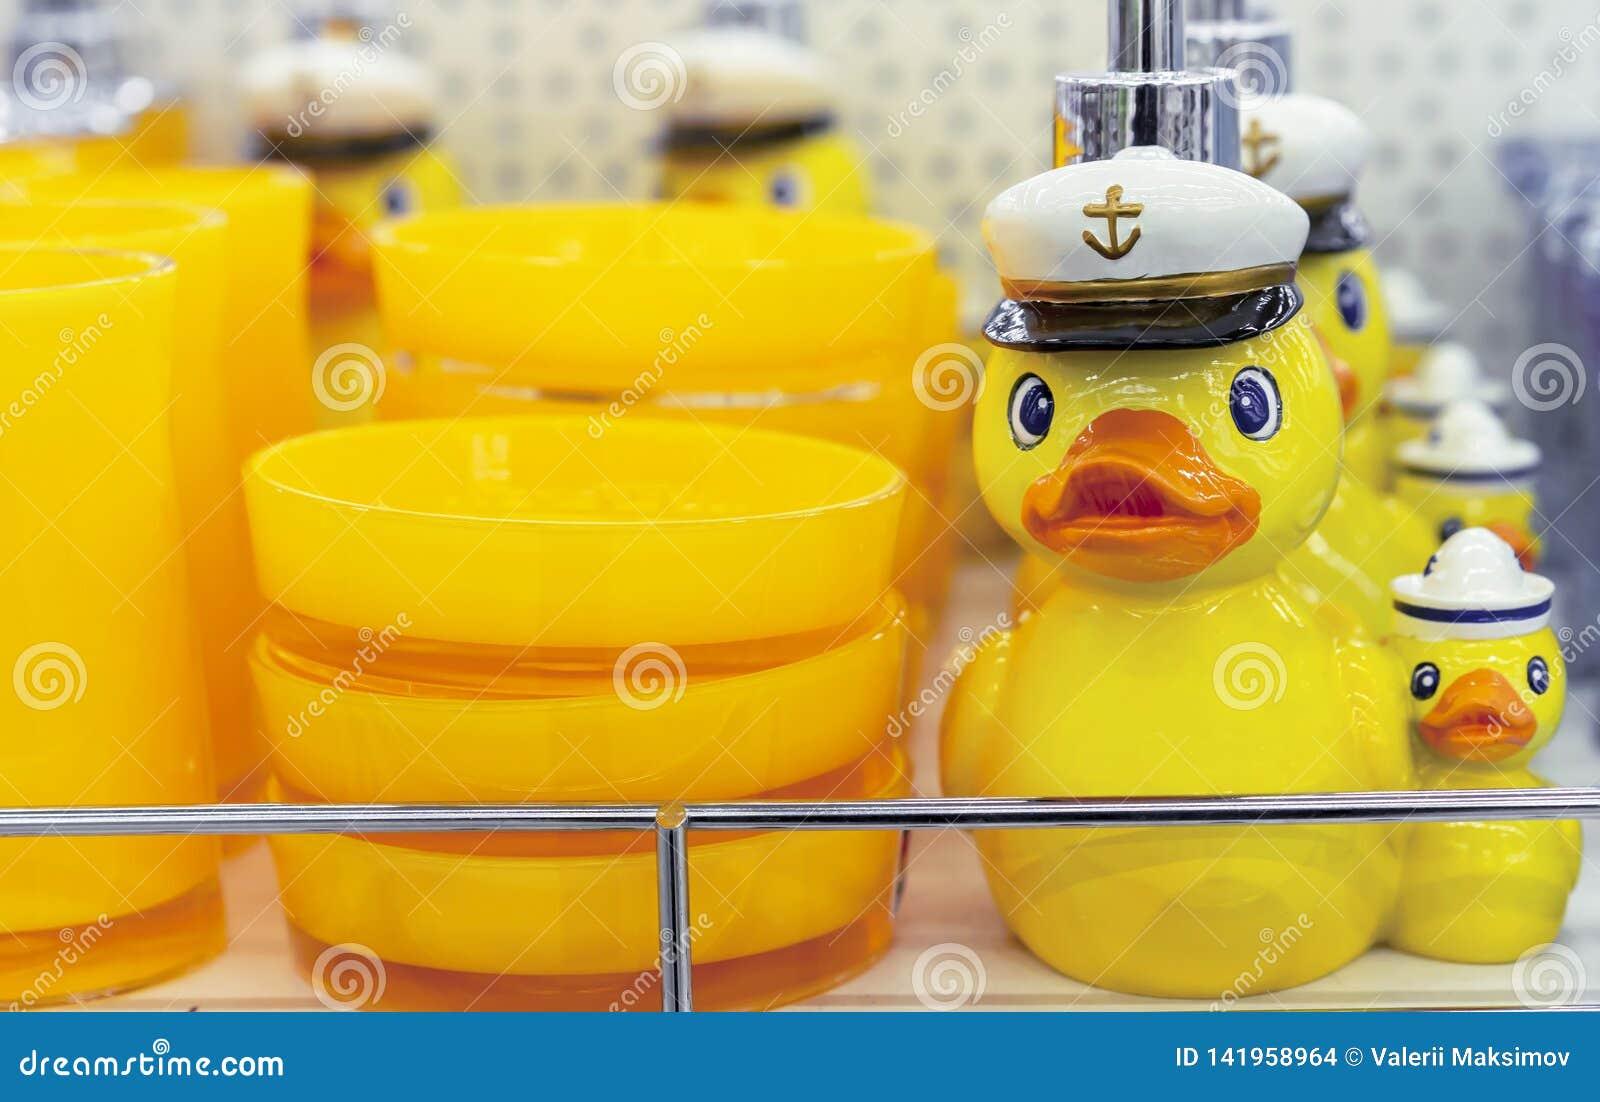 Anatra gialla in un erogatore marino del cappuccio per sapone liquido